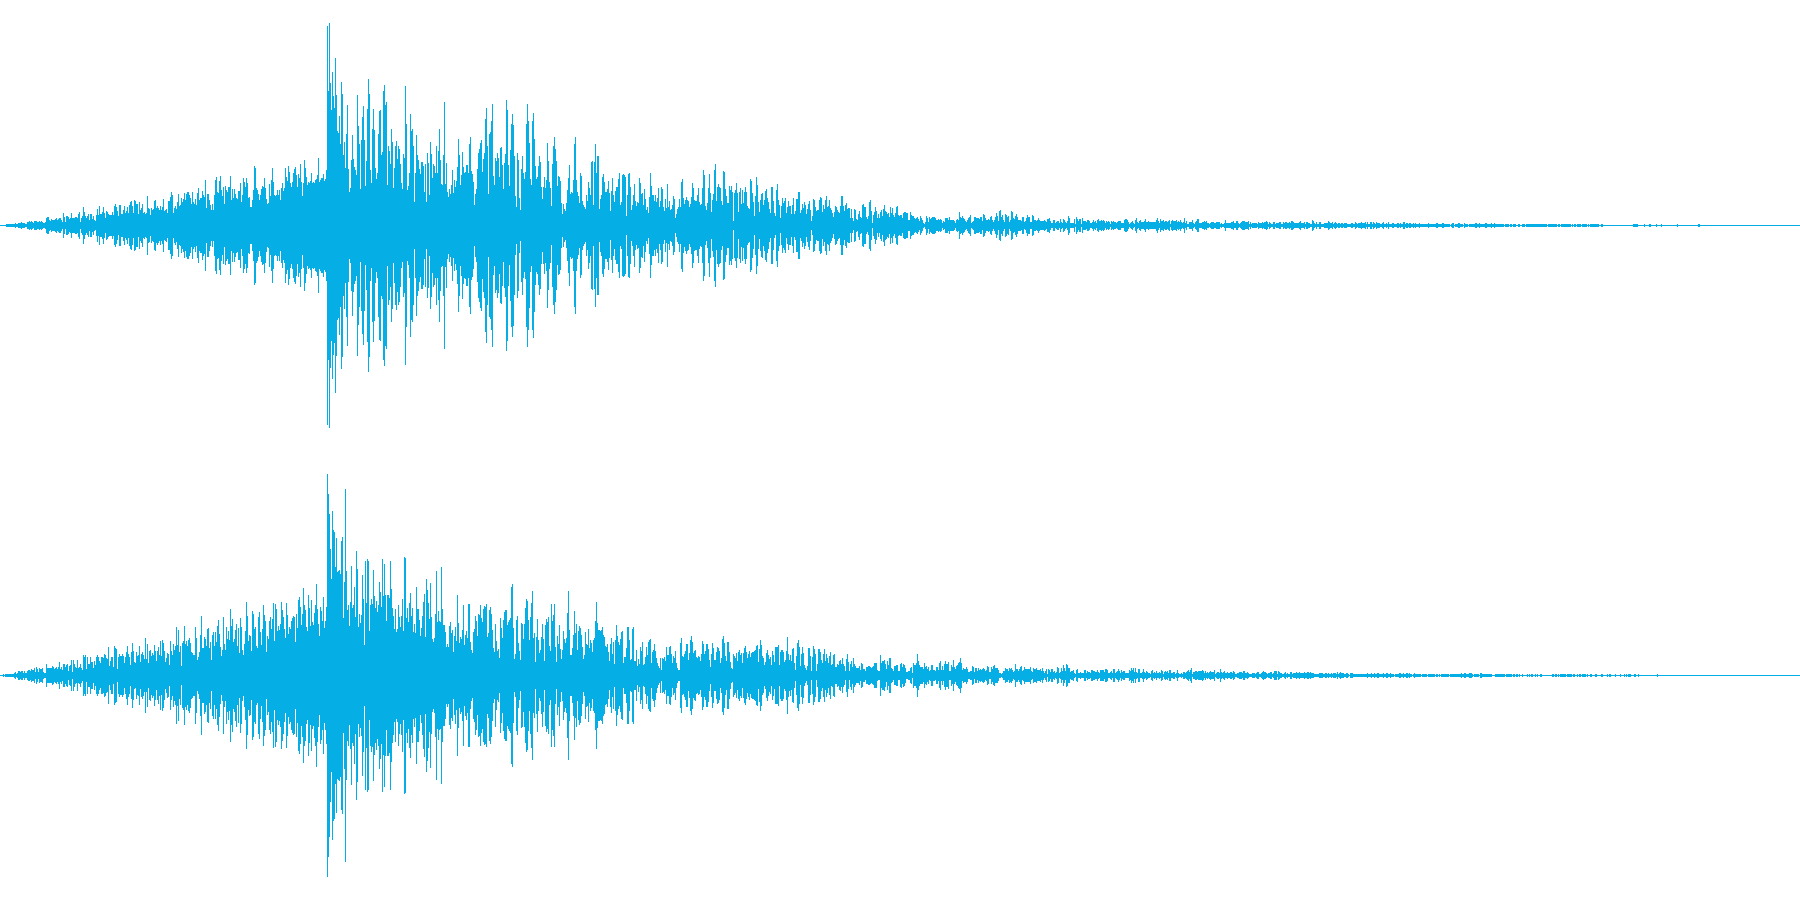 ホラー系アタック音131の再生済みの波形